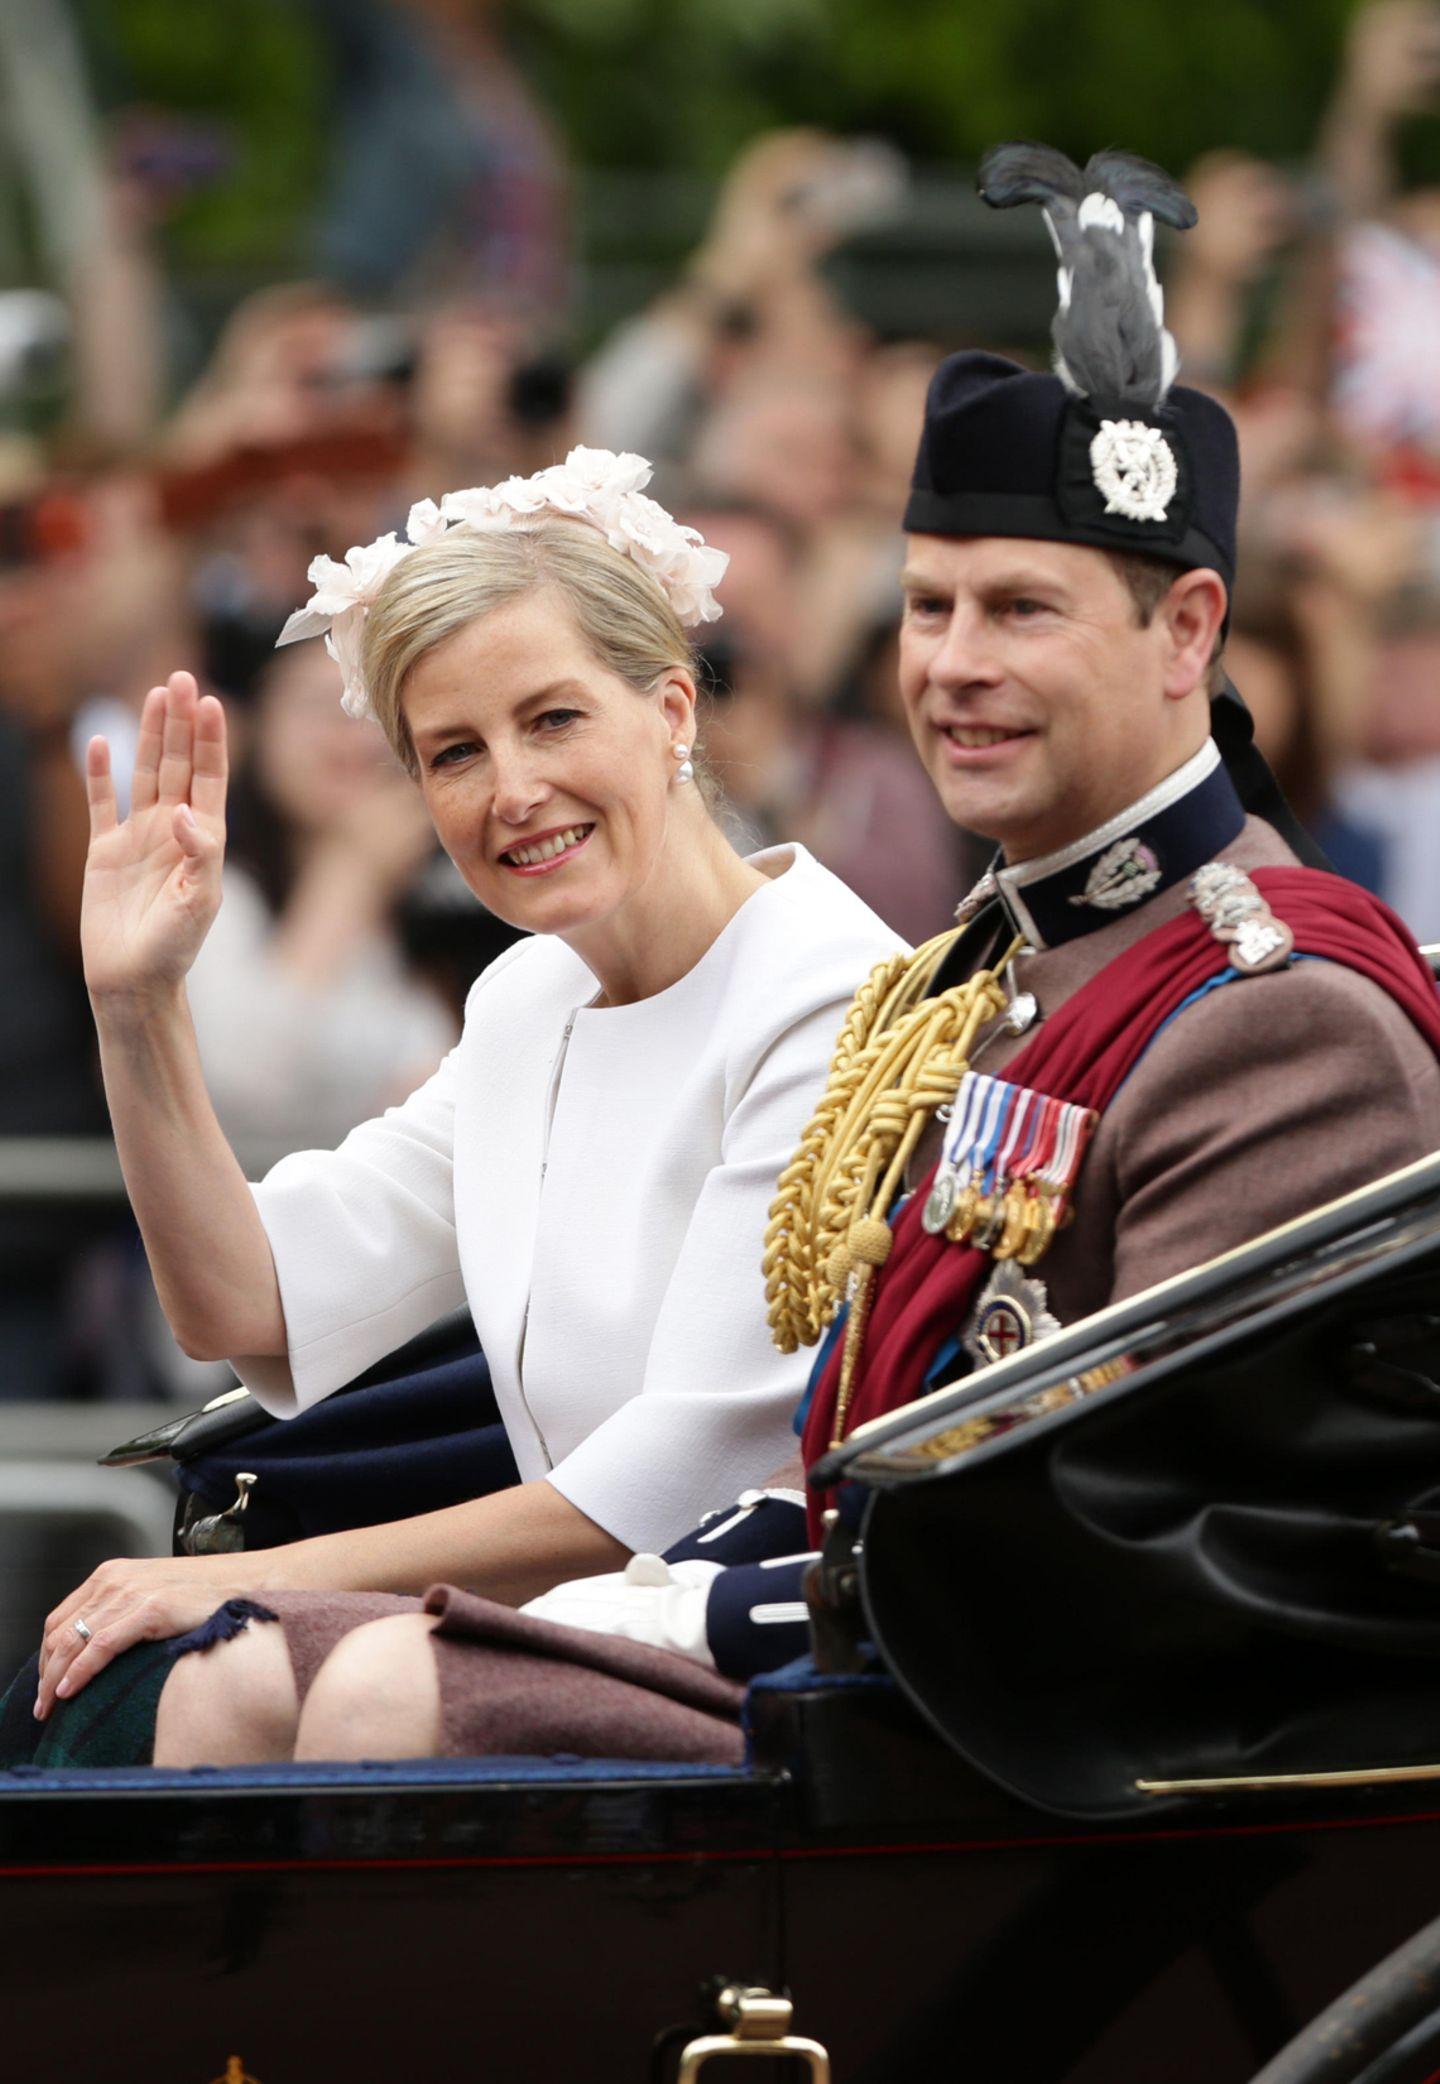 Prinz Edward (mit fragwürdigem Federschmuck) und seine schöne Frau, Gräfin Sophie von Wessex, sind in gewohnt schlichten Outfits bei der Feier dabei.